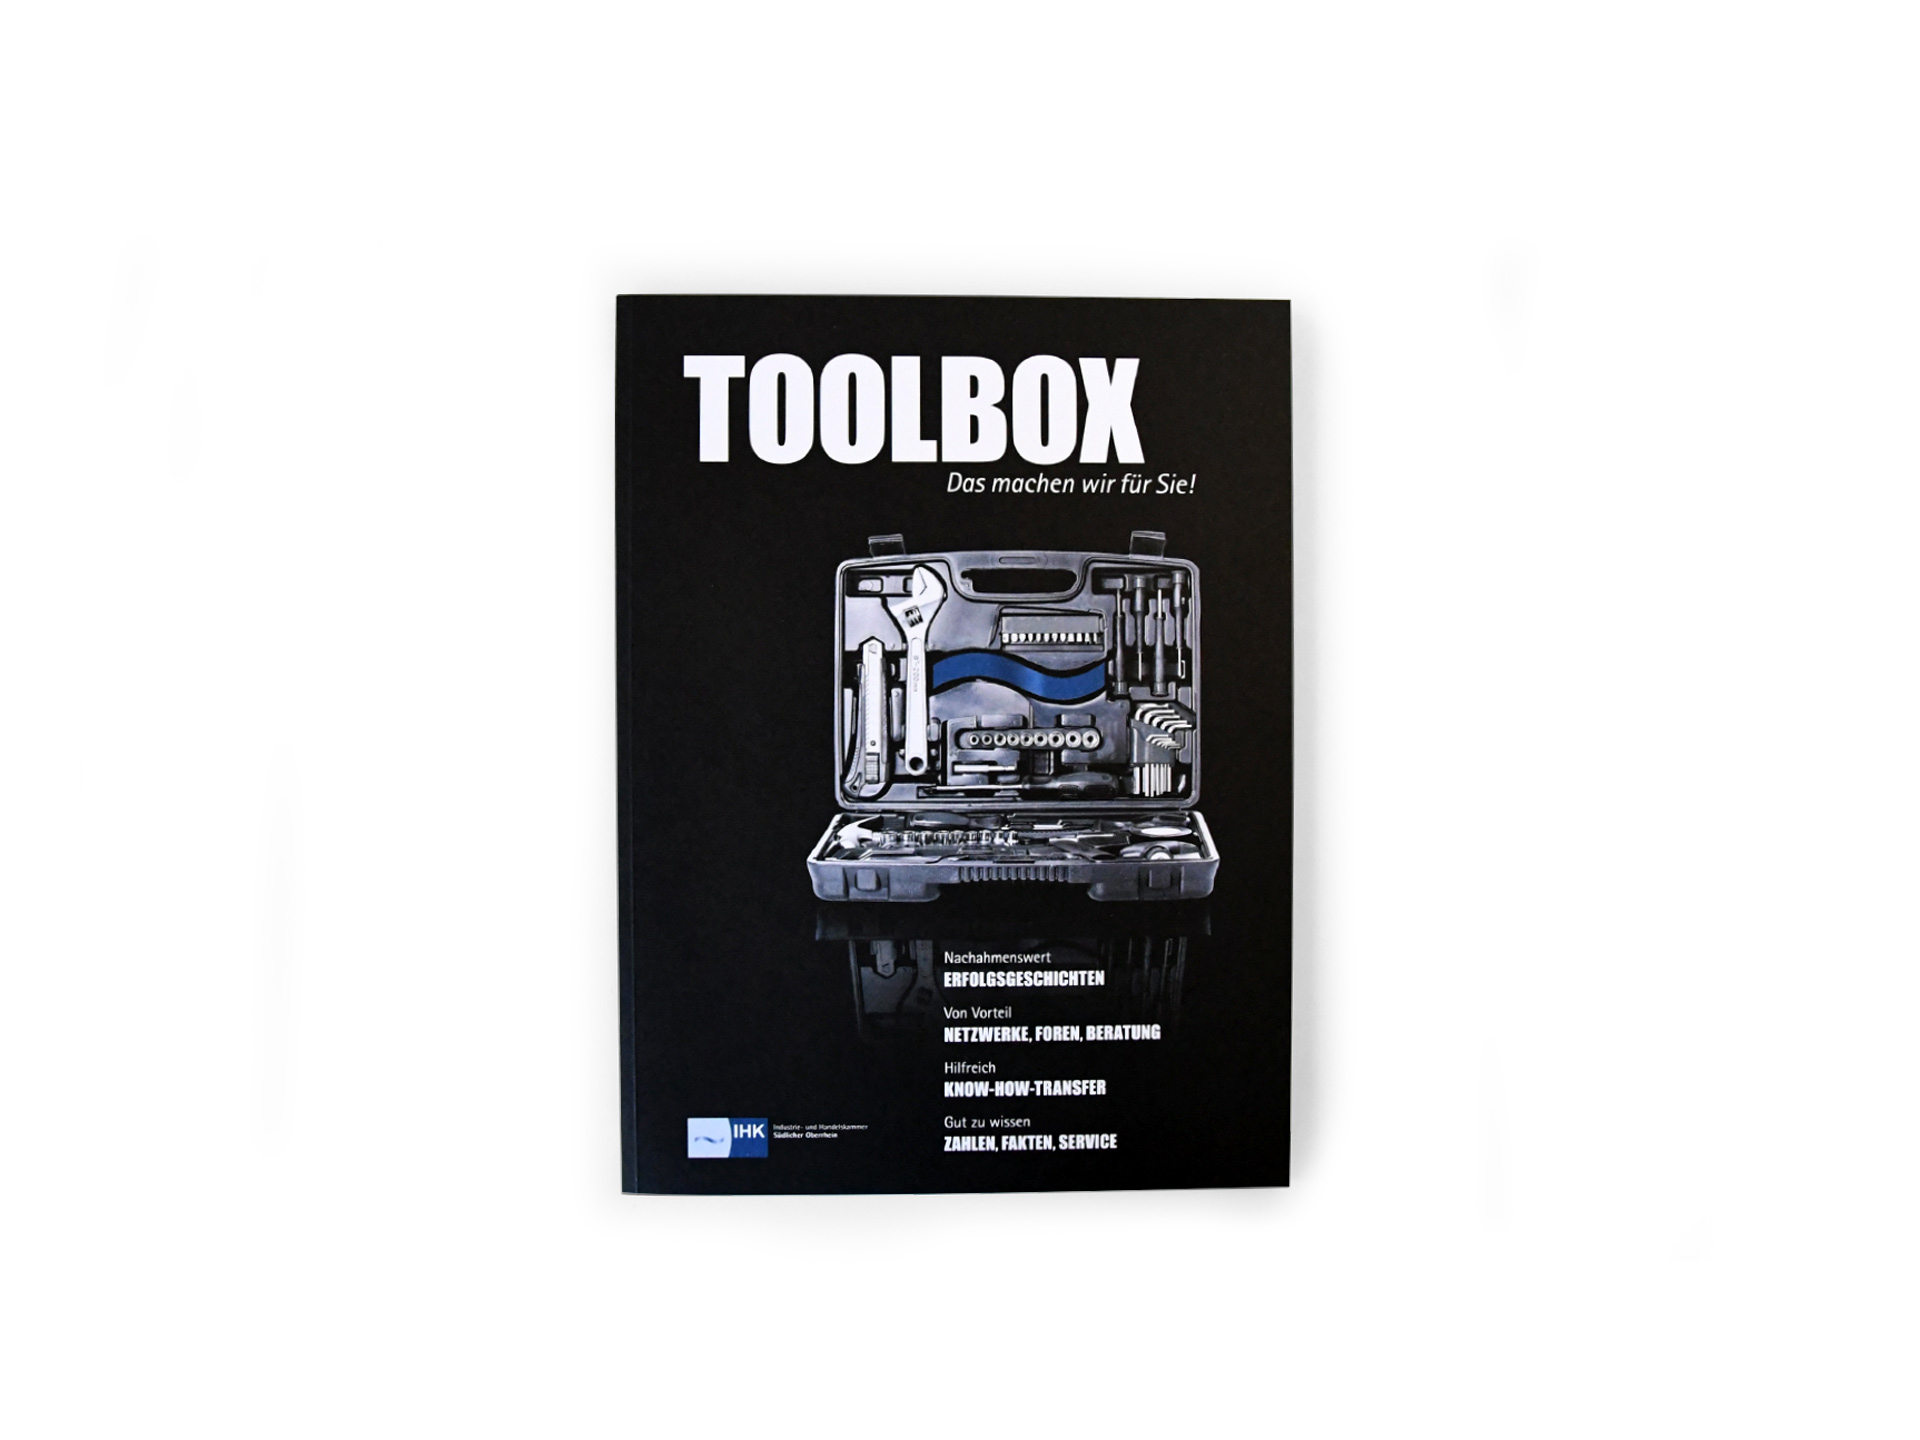 IHK Magazin TOOLBOX - Cover: Offener Werkzeugkasten mit Werkzeugen und der Welle des IHK-Logos.